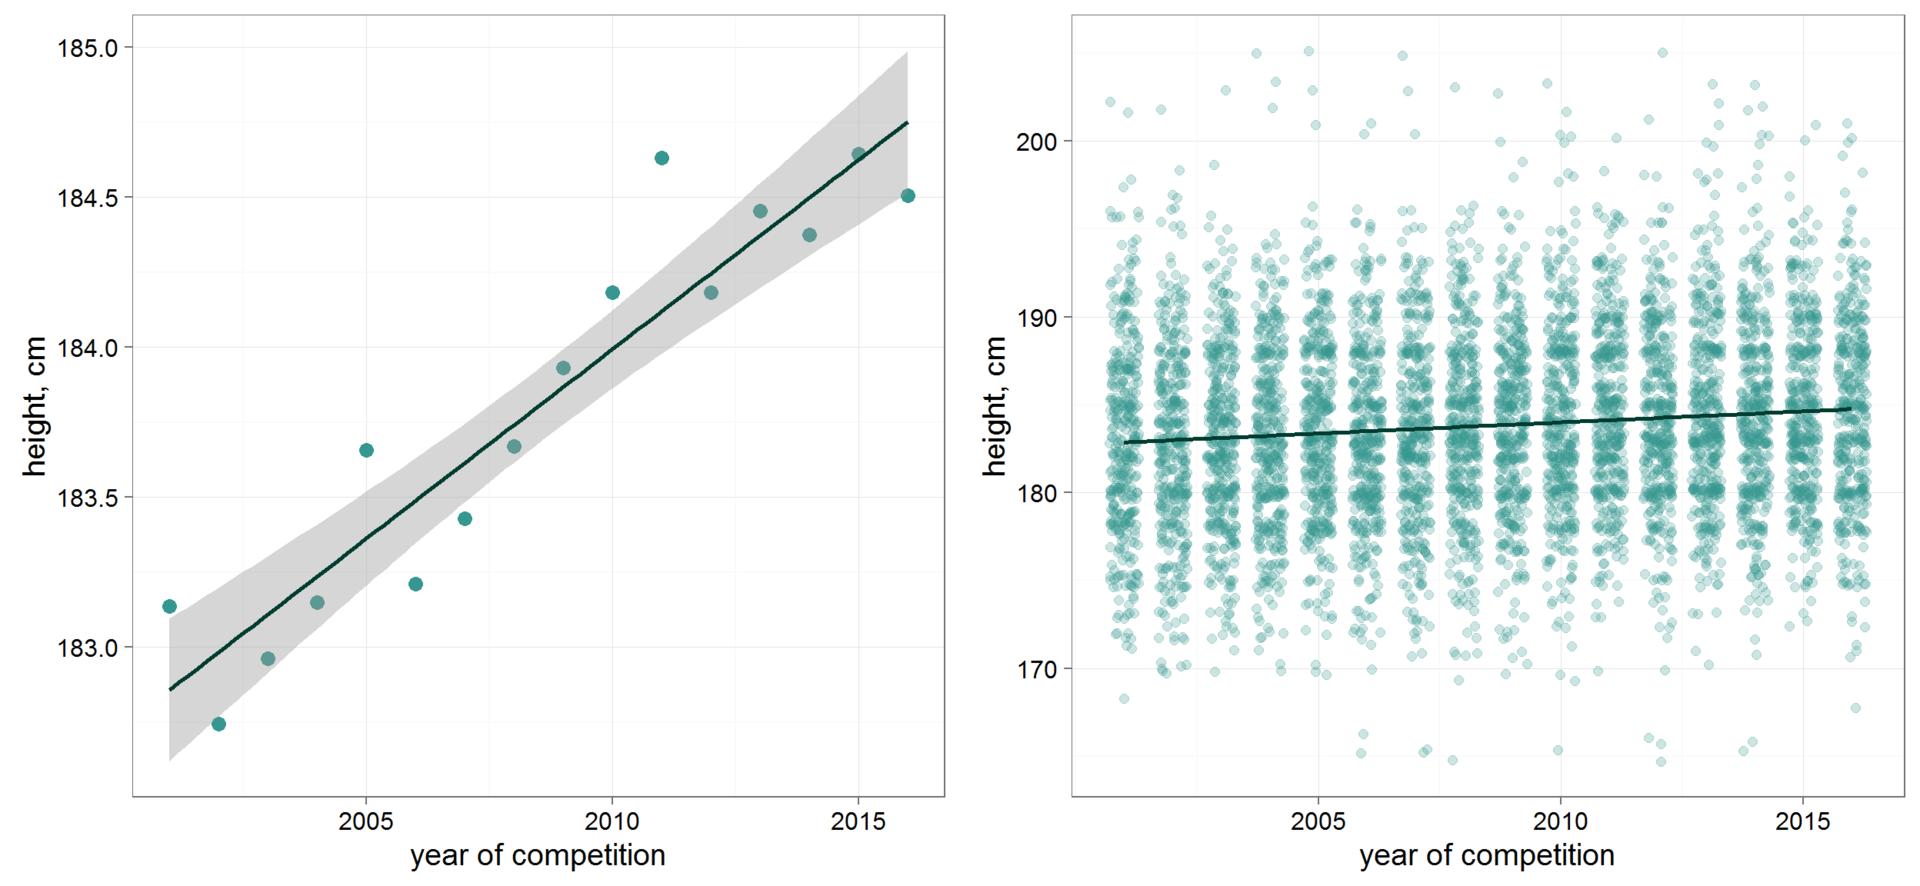 Рост хоккеистов: анализируем данные всех чемпионатов мира в текущем веке - 3